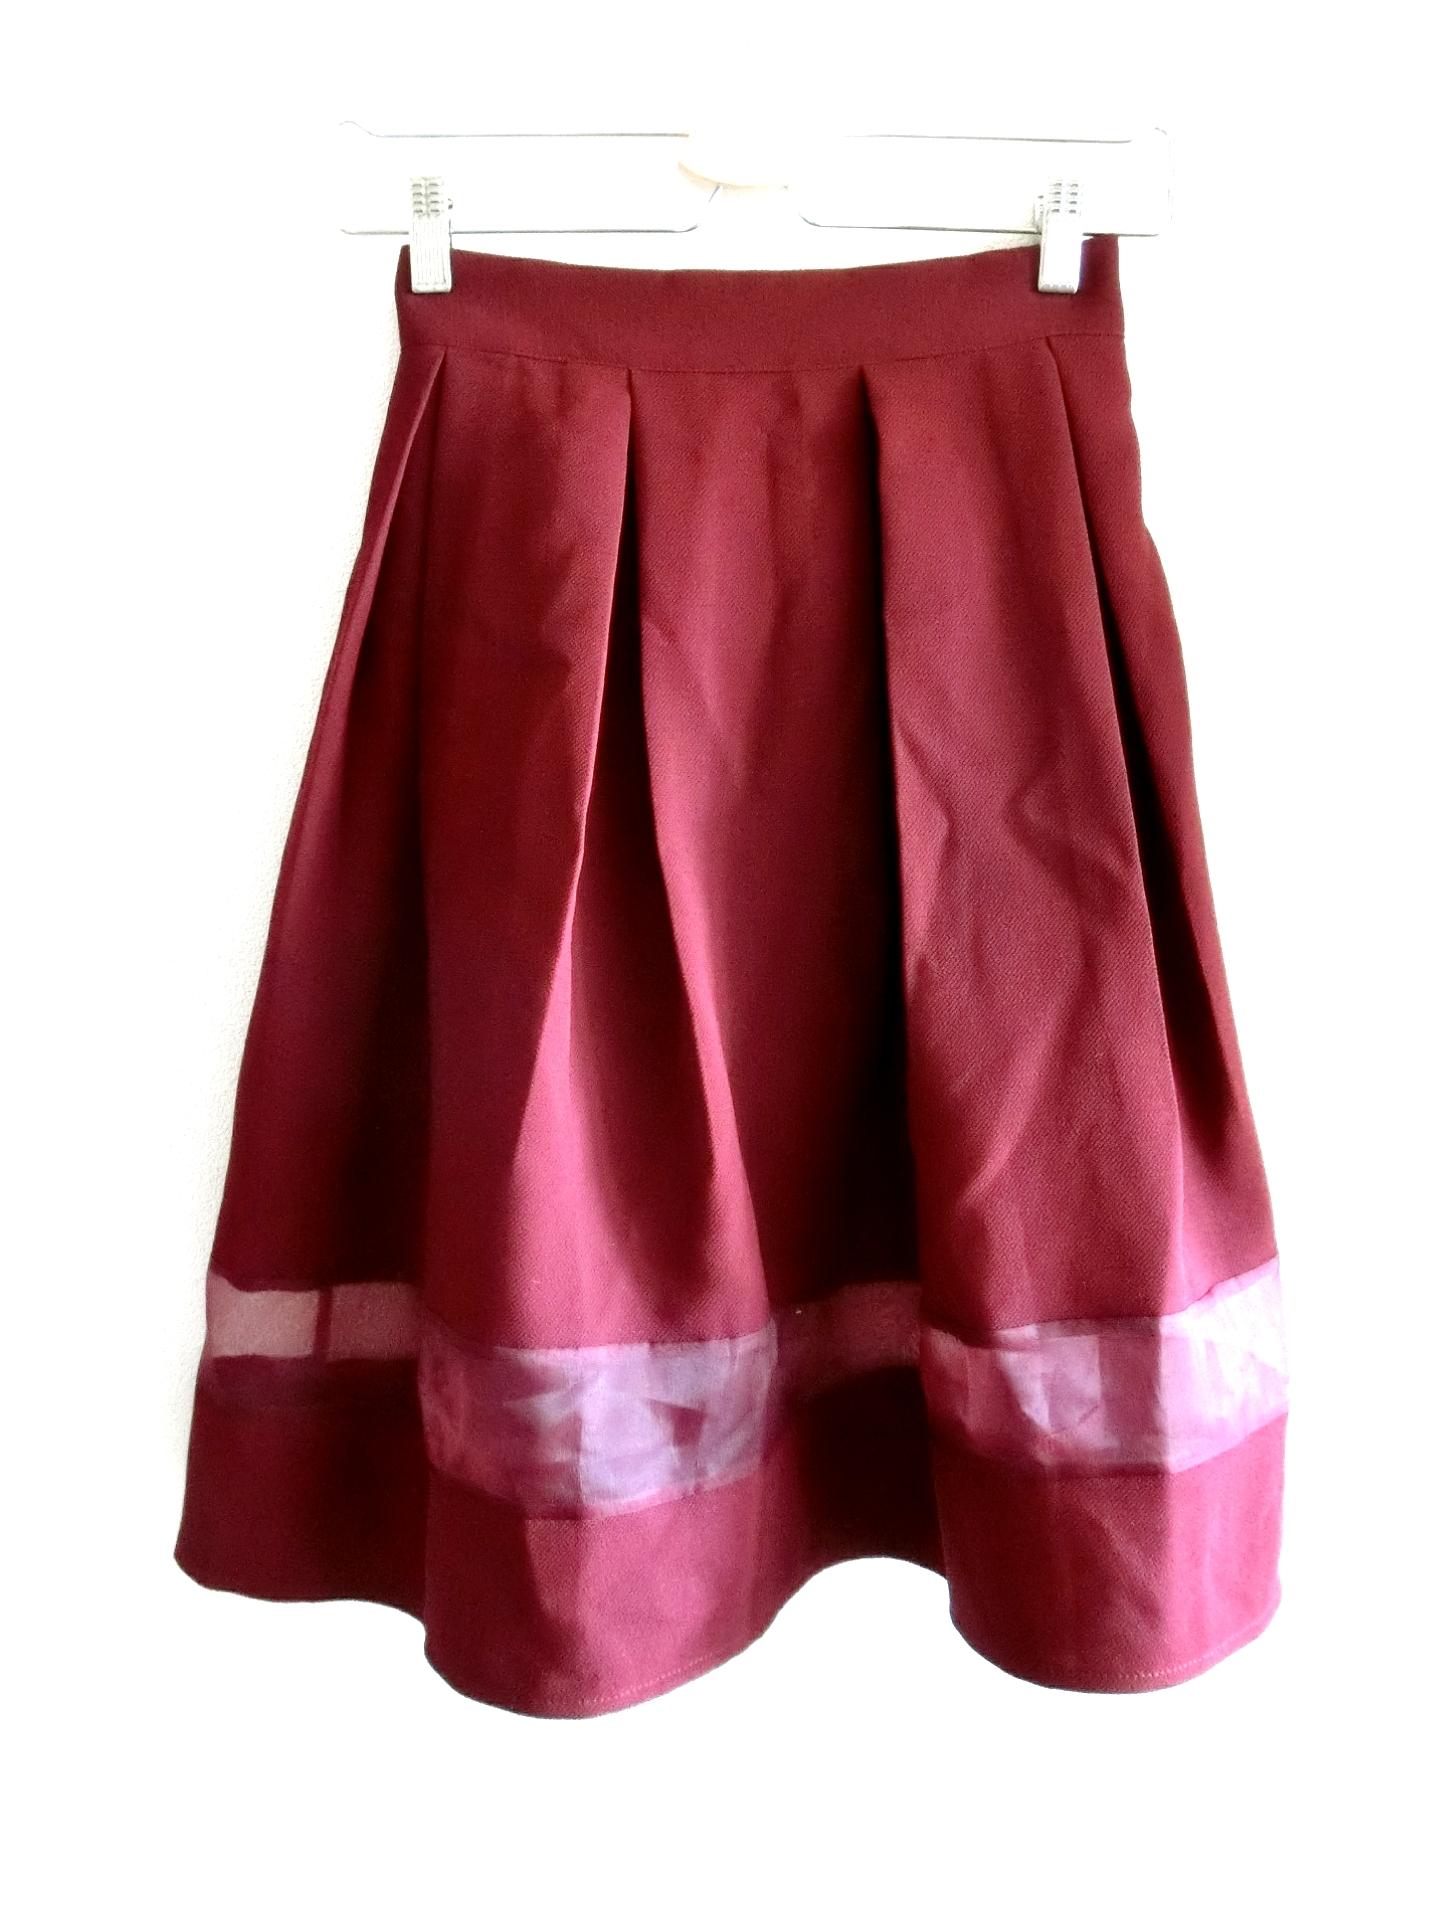 再入荷★裾シースルーのシンプルフレアースカート ワイン